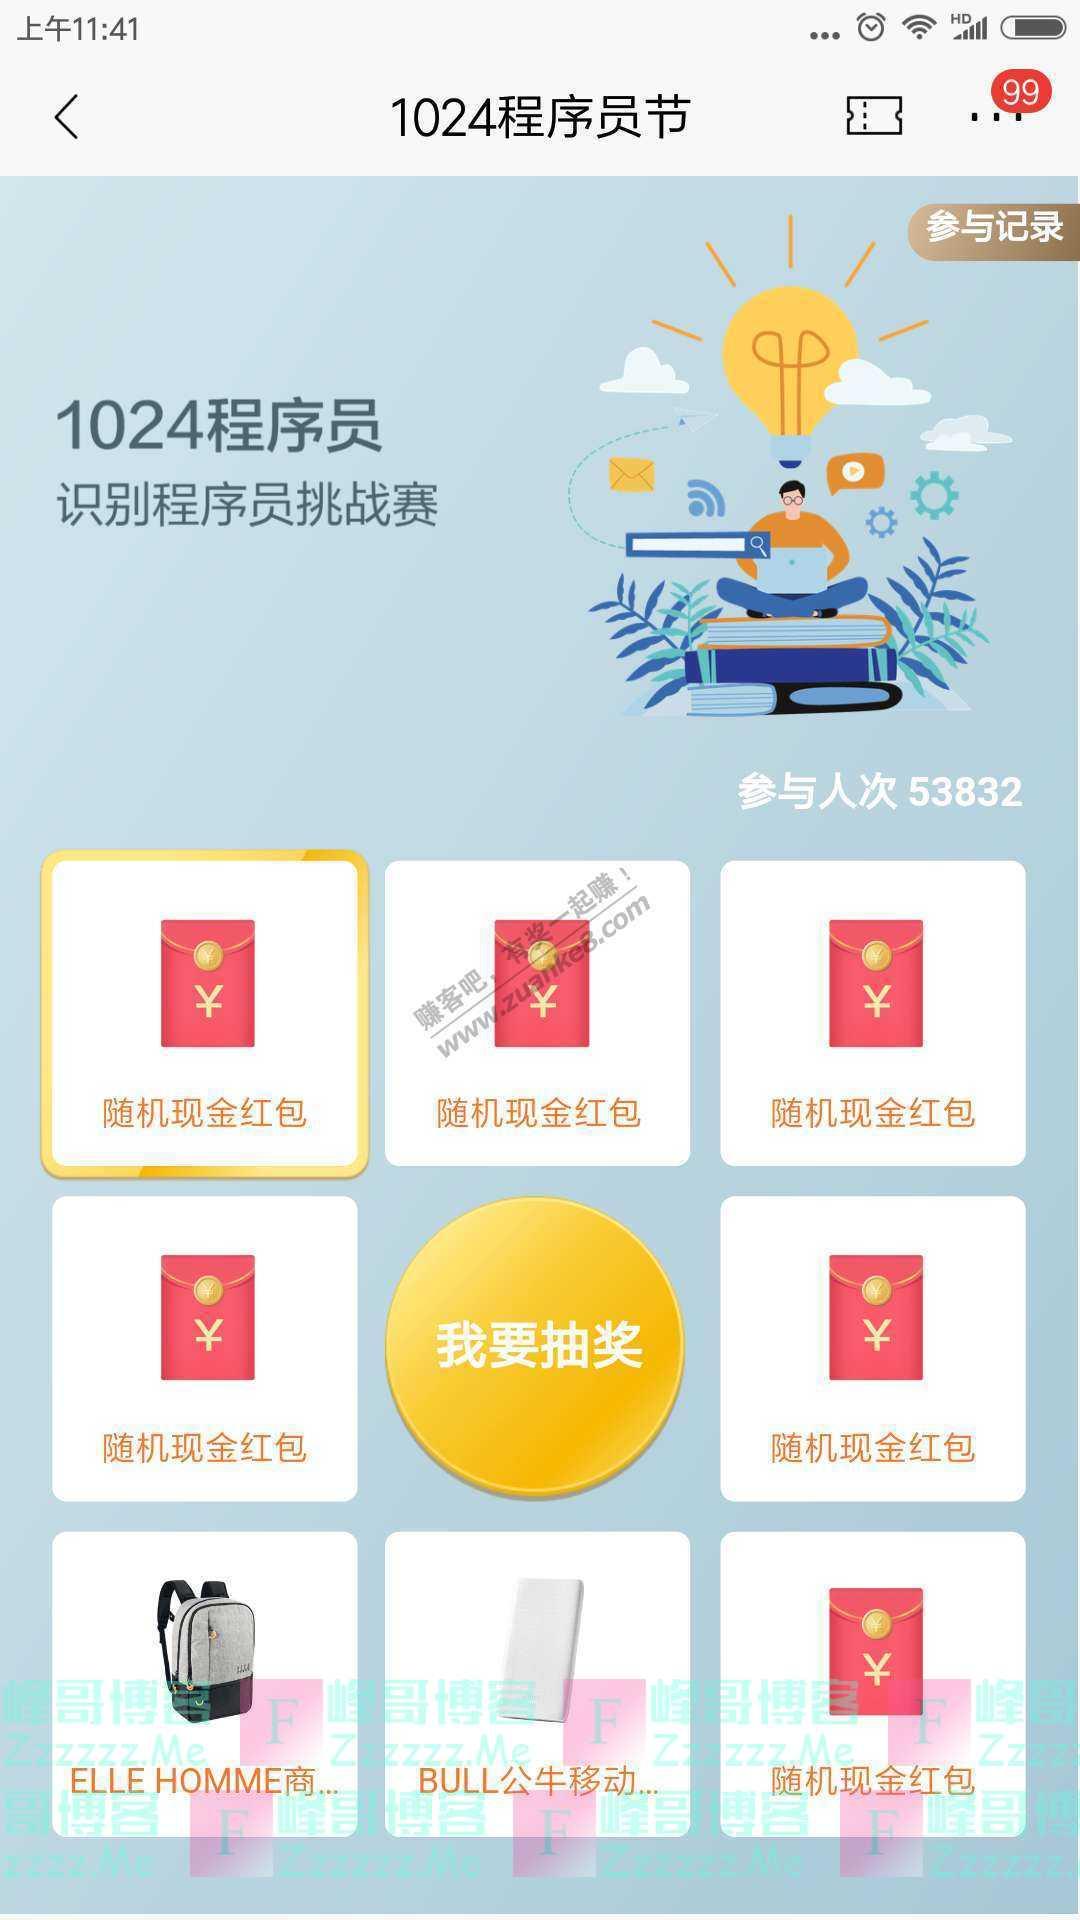 招商银行app1024程序员节(截止10月31日)